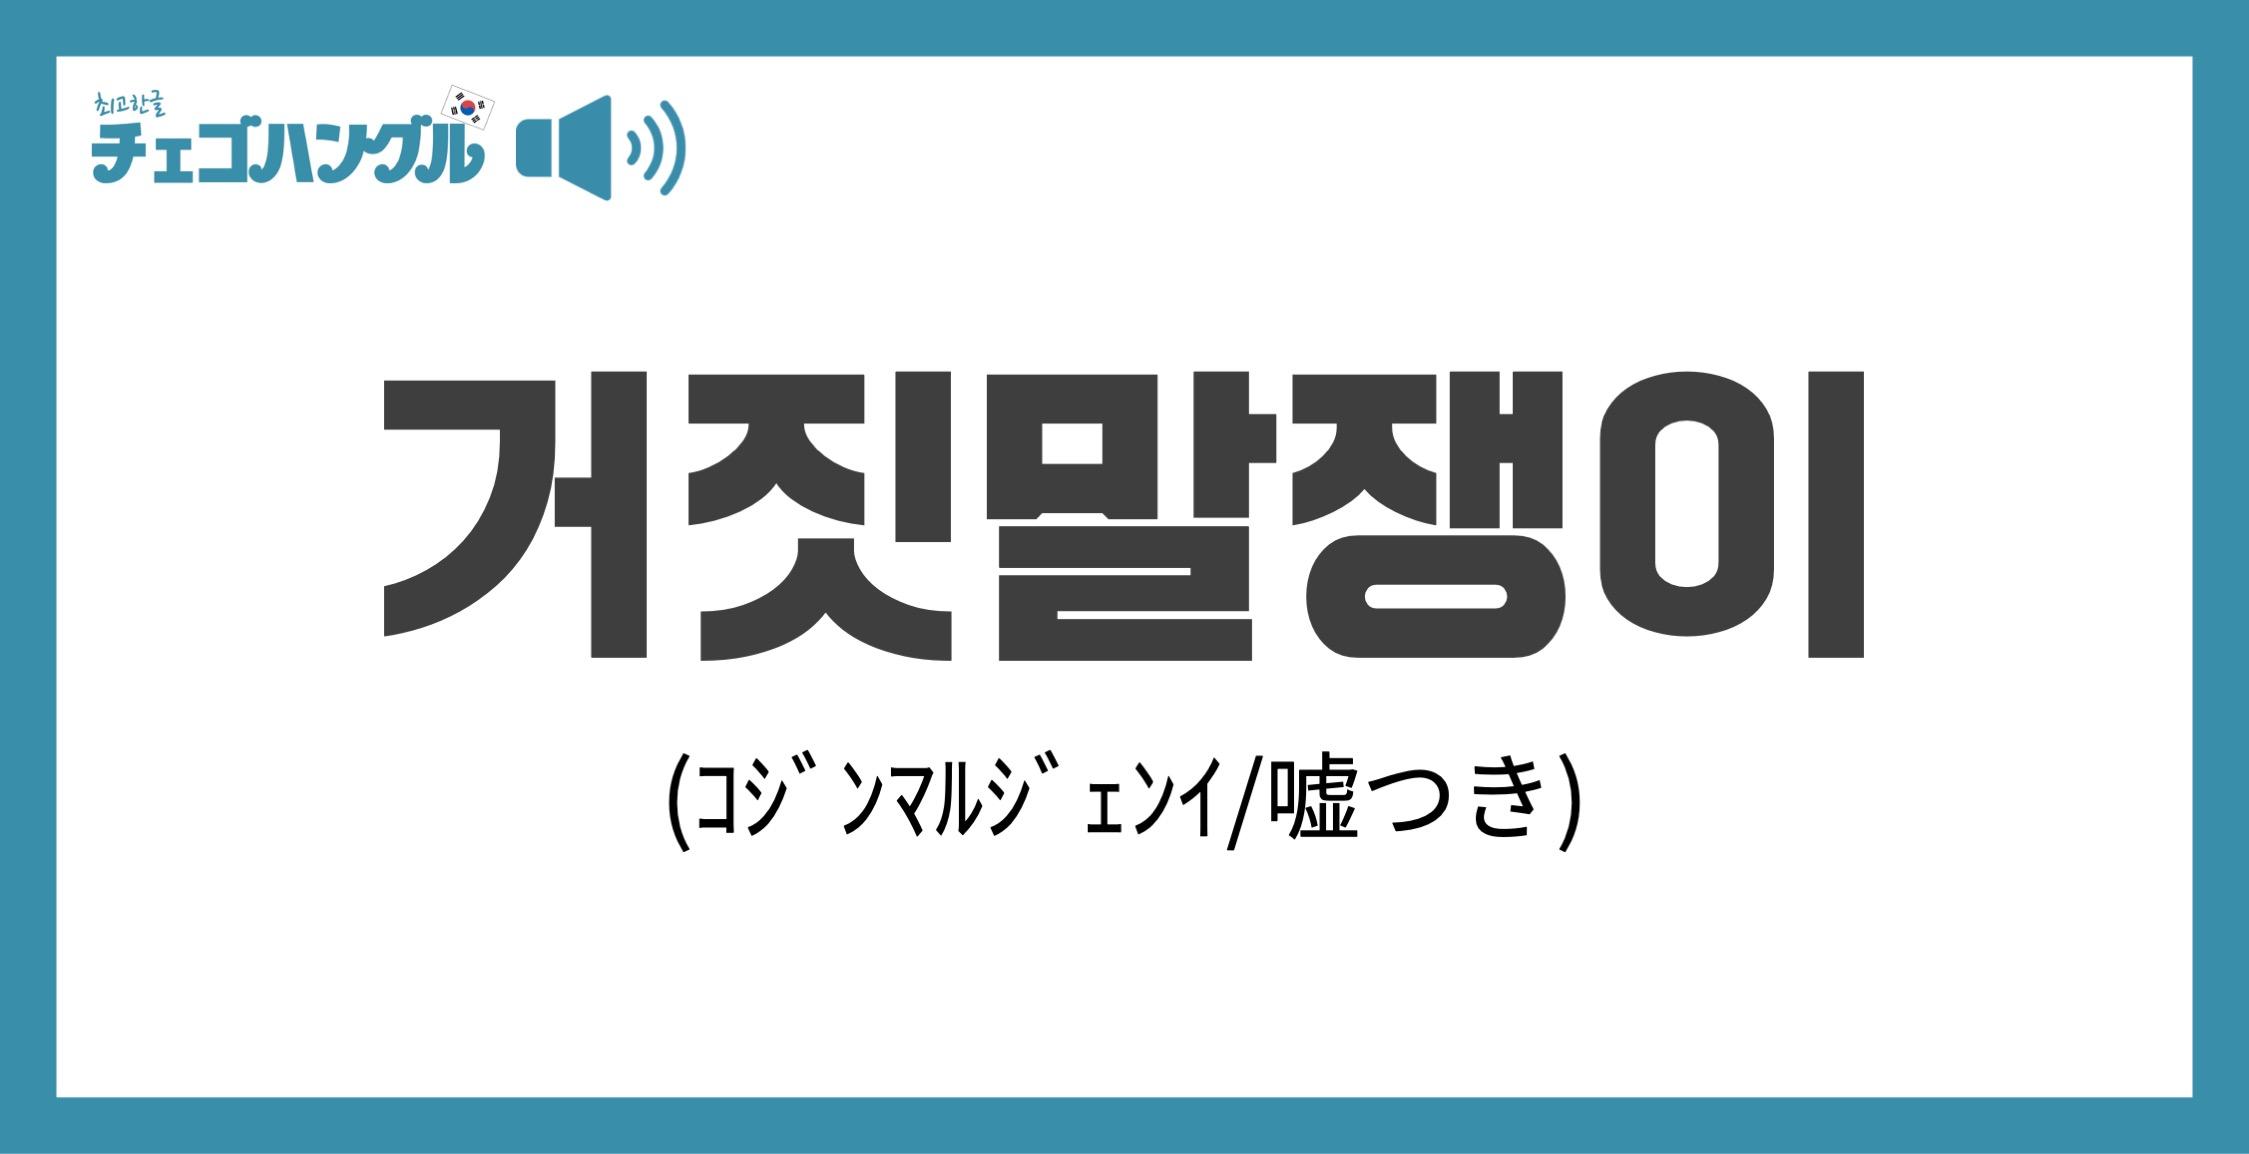 """嘘つき」は韓国語で""""거짓말쟁이(コジンマルジェンイ)"""" - チェゴハングル"""